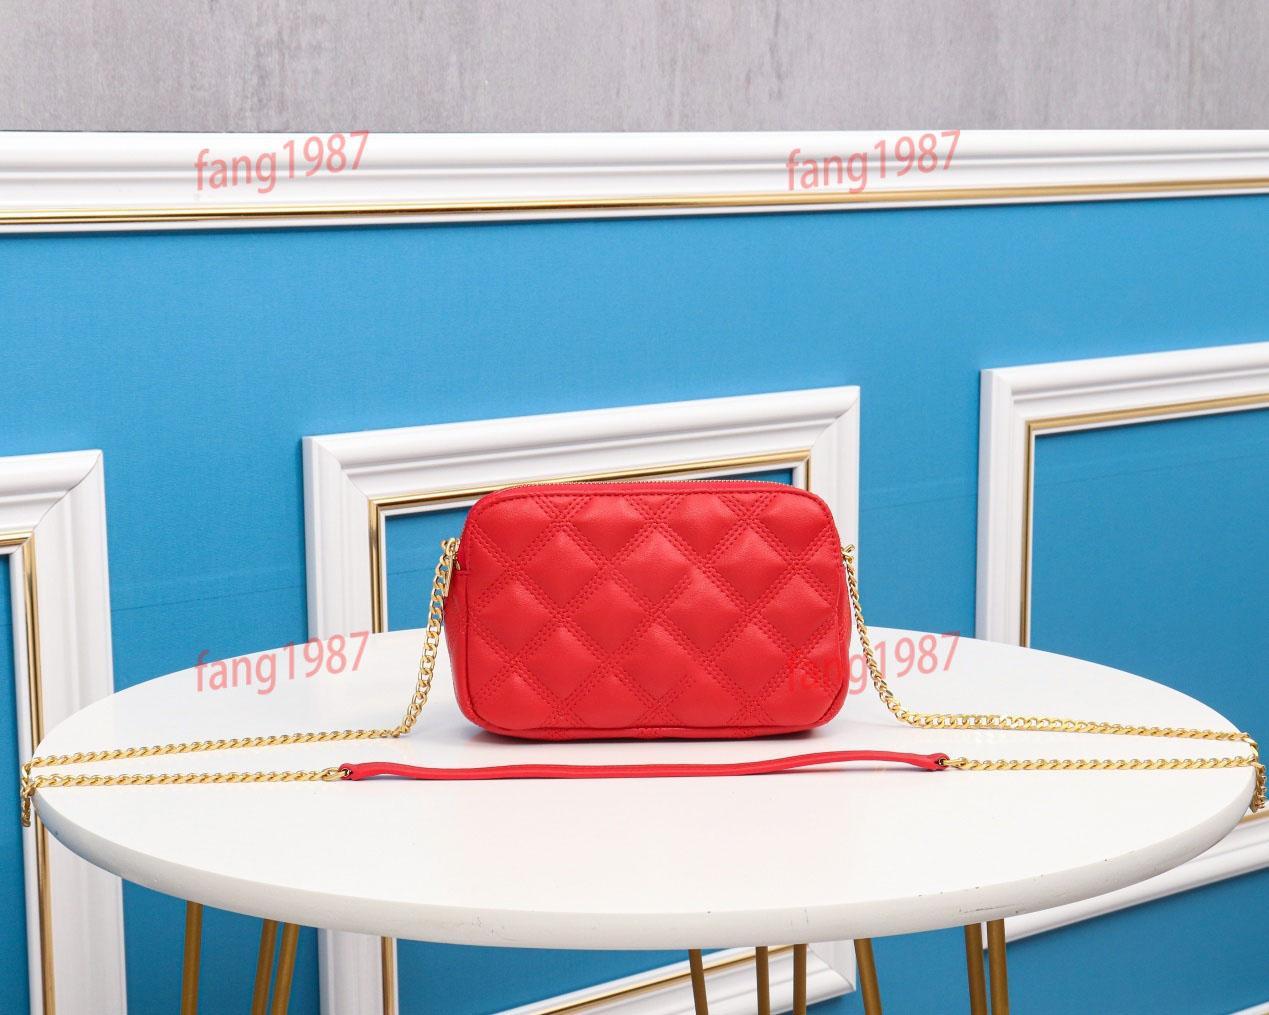 L'ultimo stile di piccola borsa borsa di lusso di spalla Messenger Bag 20 centimetri la maggior parte delle donne borsa popolare, posta pacchetto globale, di fatto